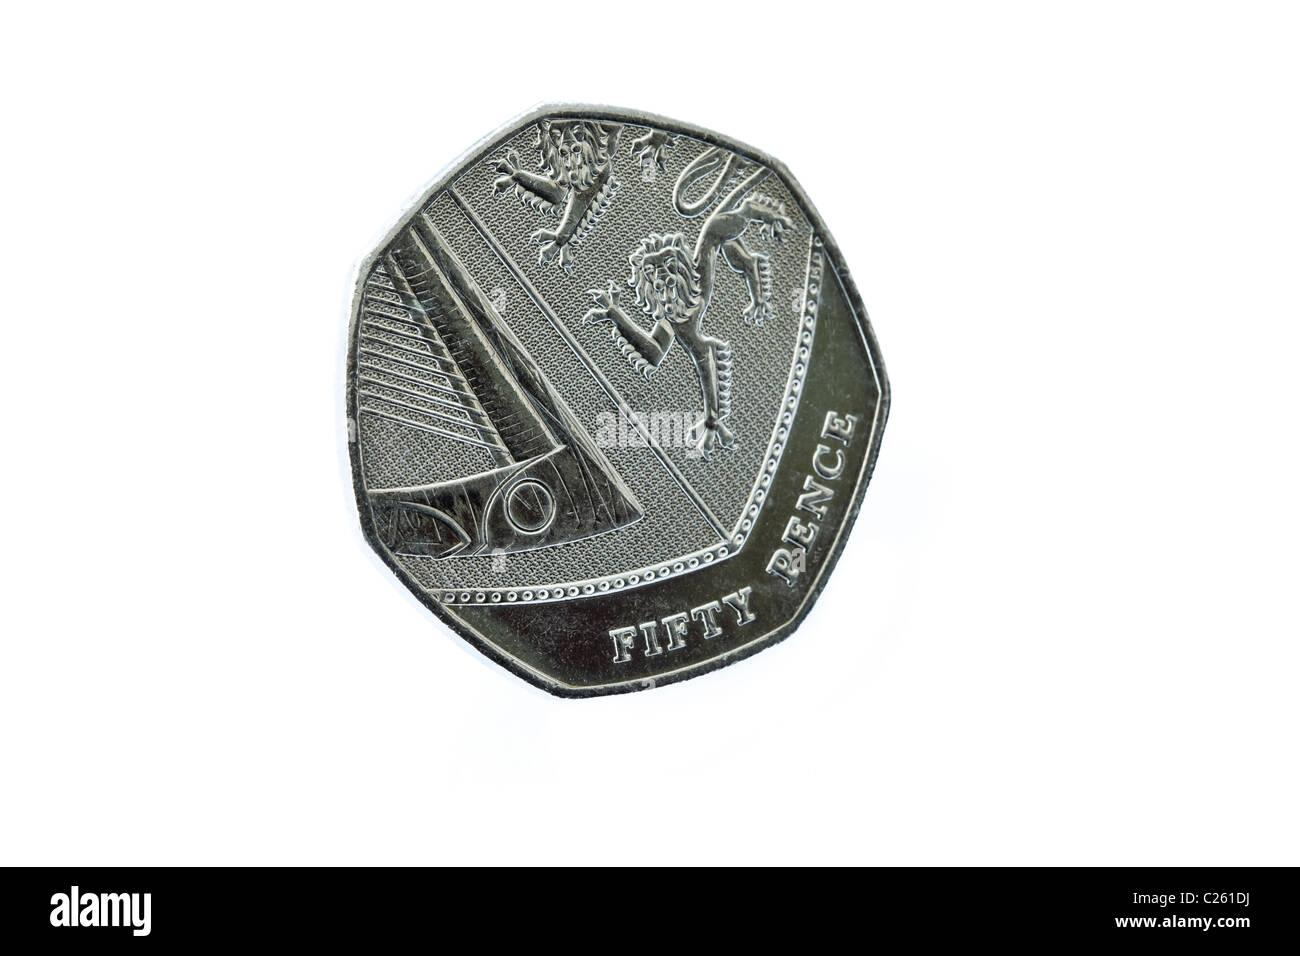 Großbritannien, England, Europa. Unterseite des ein Heptagon fünfzig Pence Münze 50p Tails Seite Stockbild